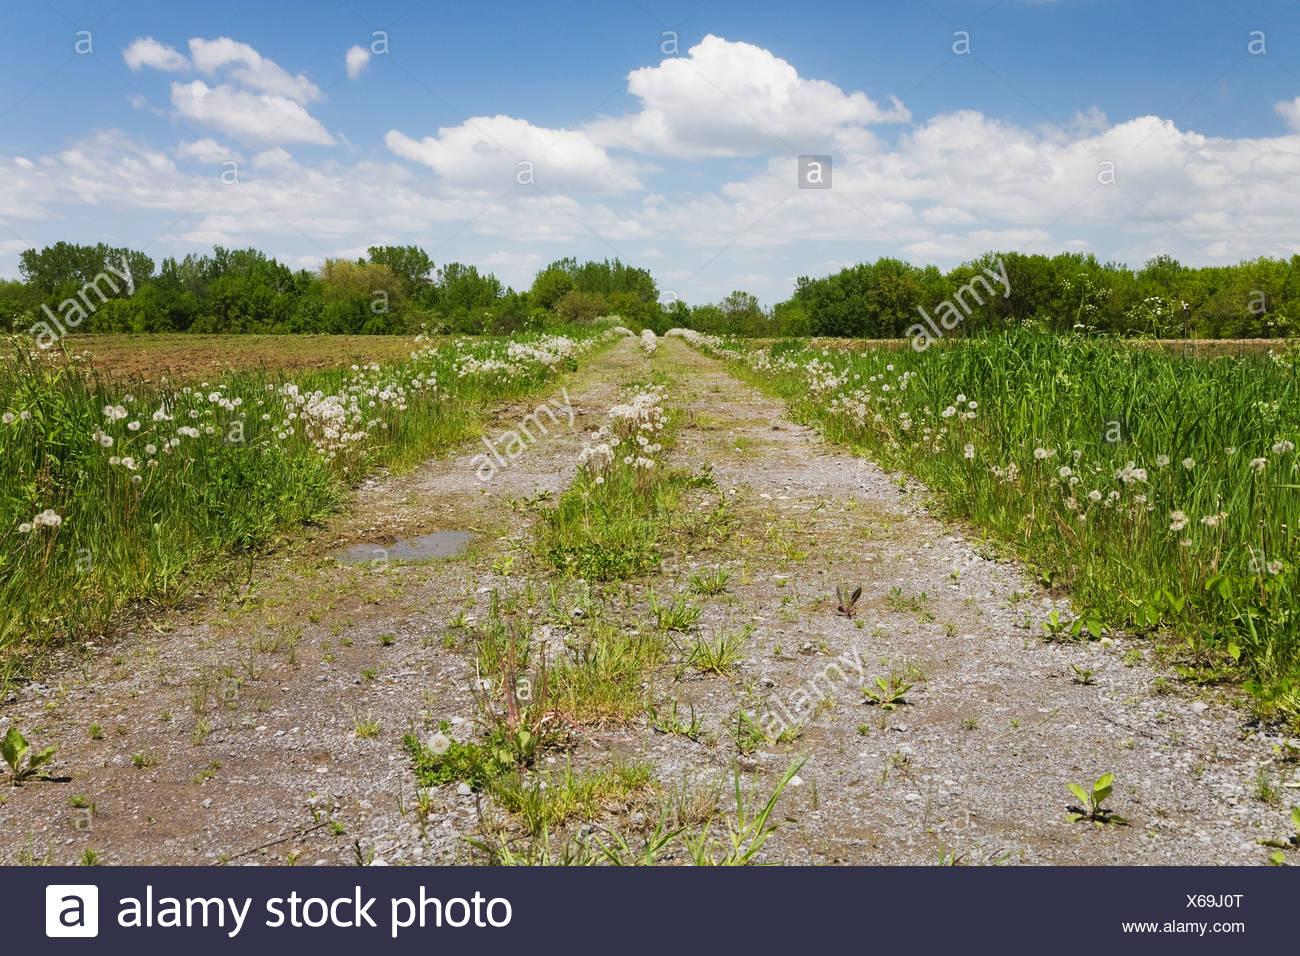 Strada sterrata attraverso un campo agricolo in primavera; Québec Canada Immagini Stock